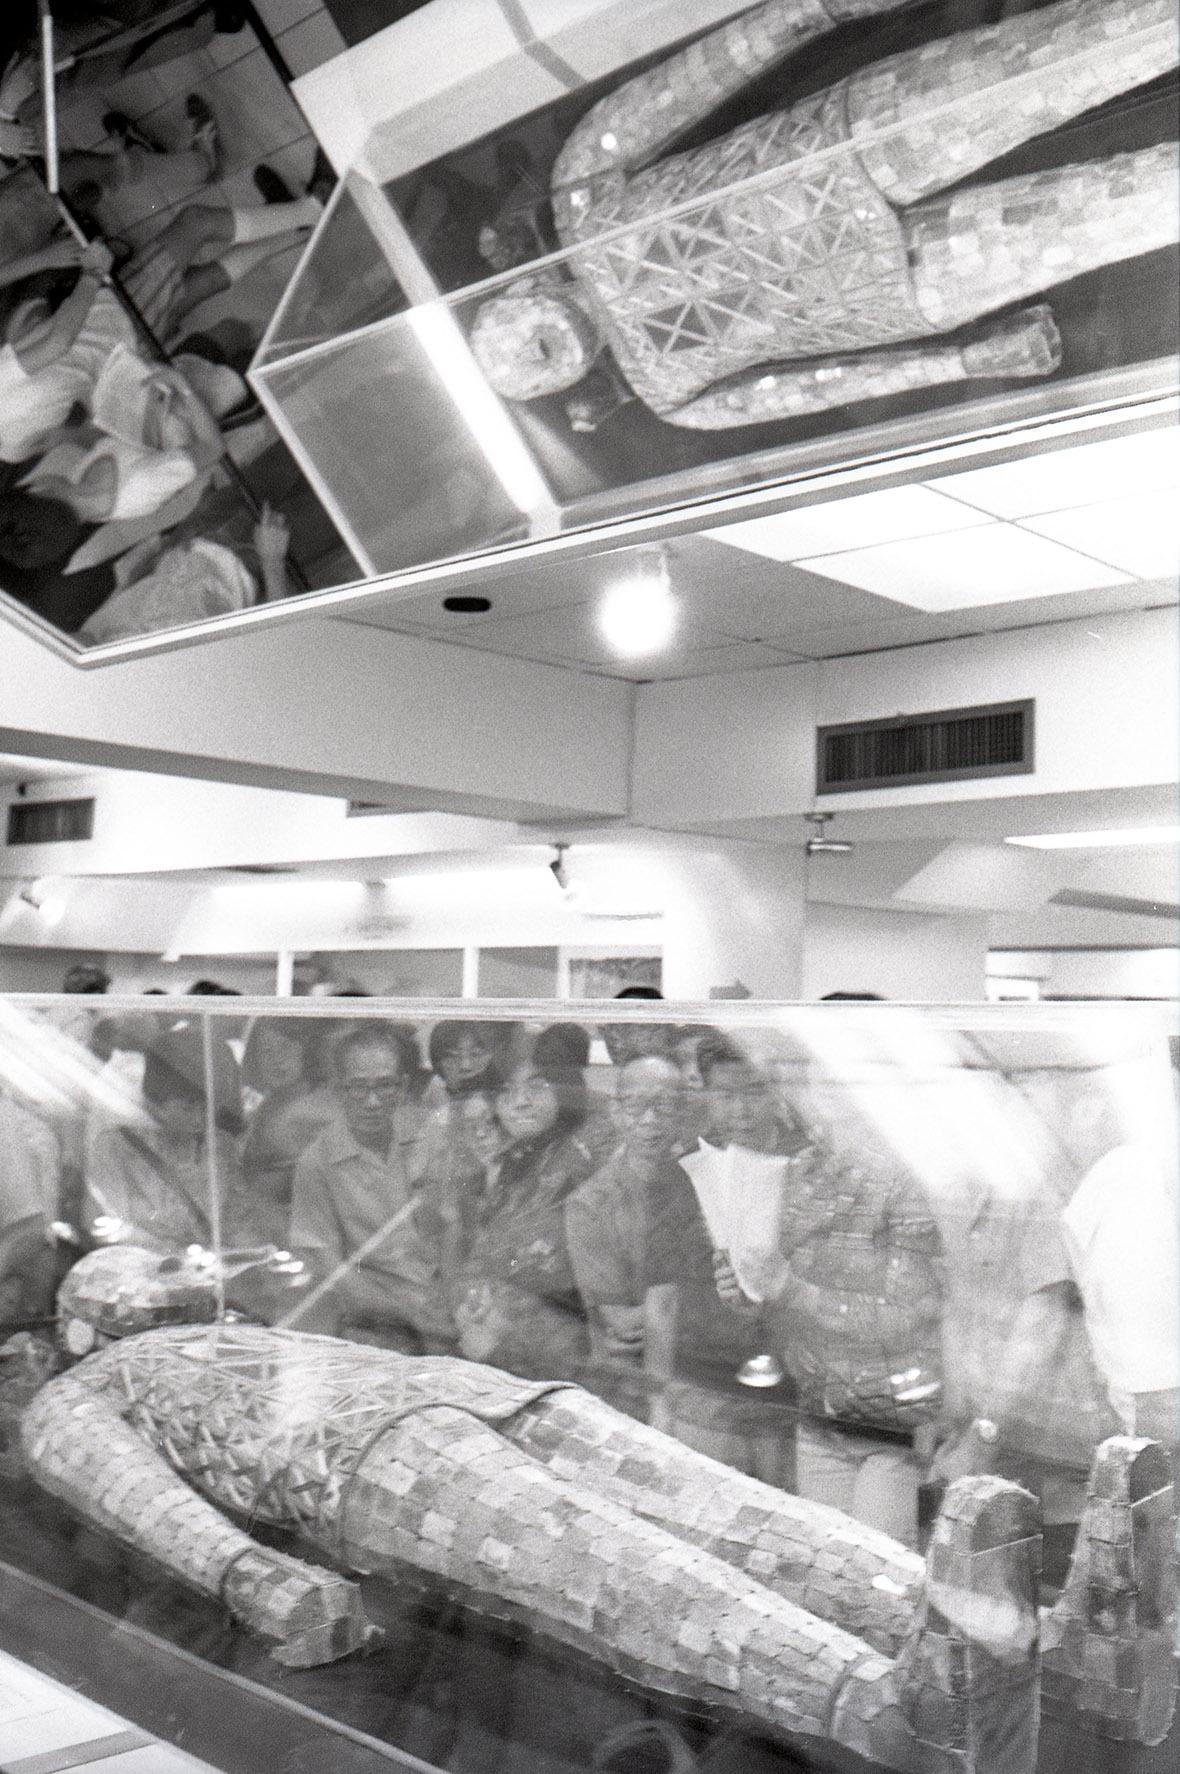 天花的鏡子讓參觀者多角度細看金縷玉衣的全貌。